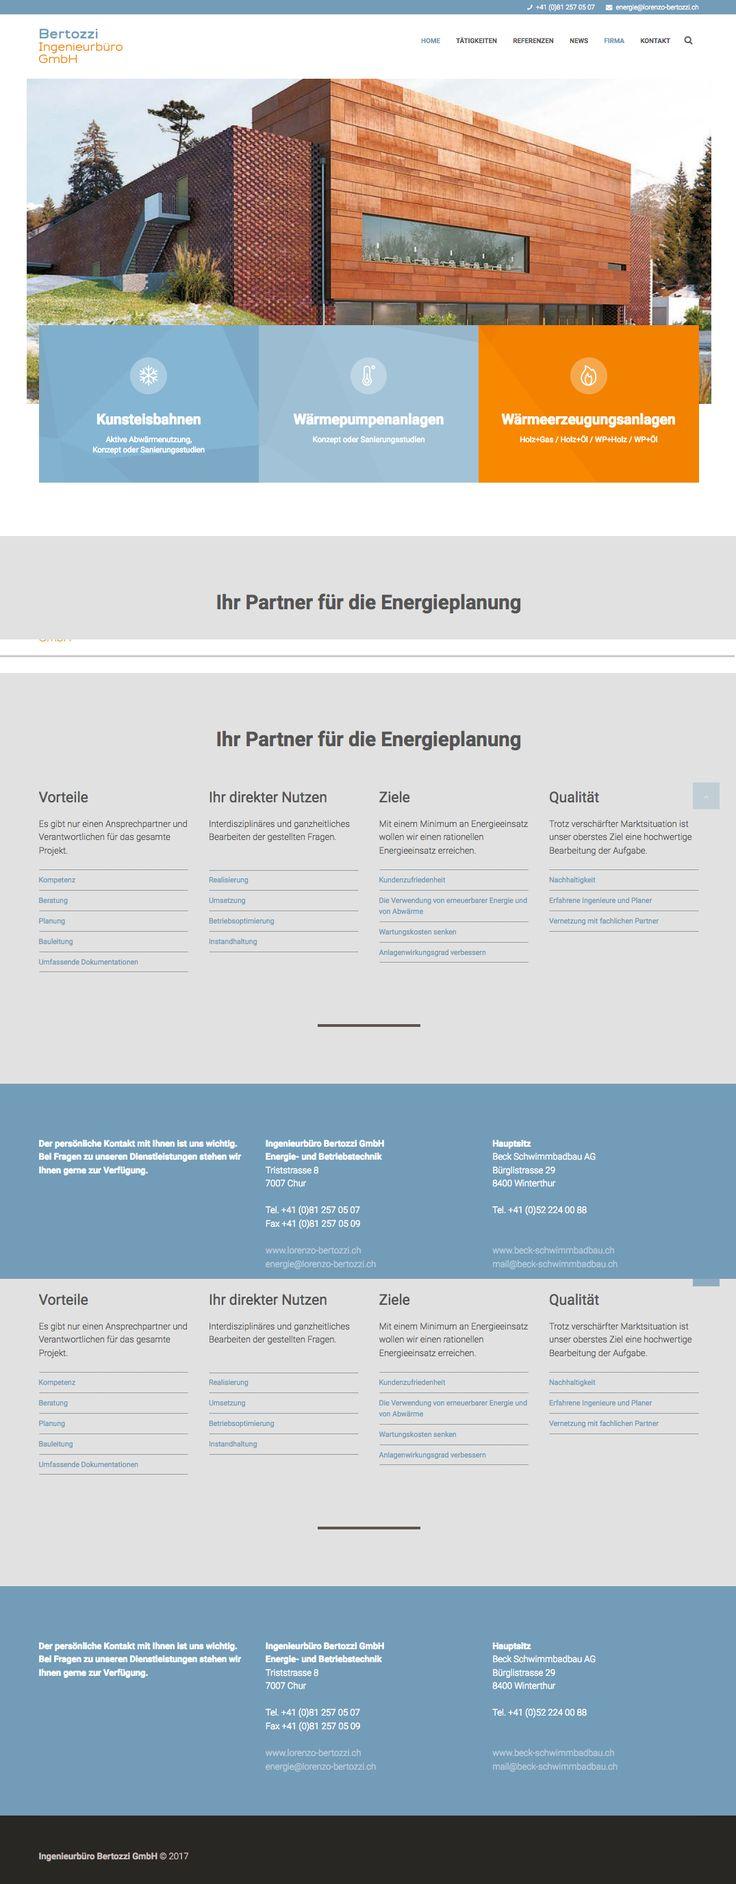 Kunde: Bertozzi GmbH | Branche: Industrie | Werbemittel: Responsive-Website | Erscheinung: einmalig | Umfang: Design, Content und Umsetzung